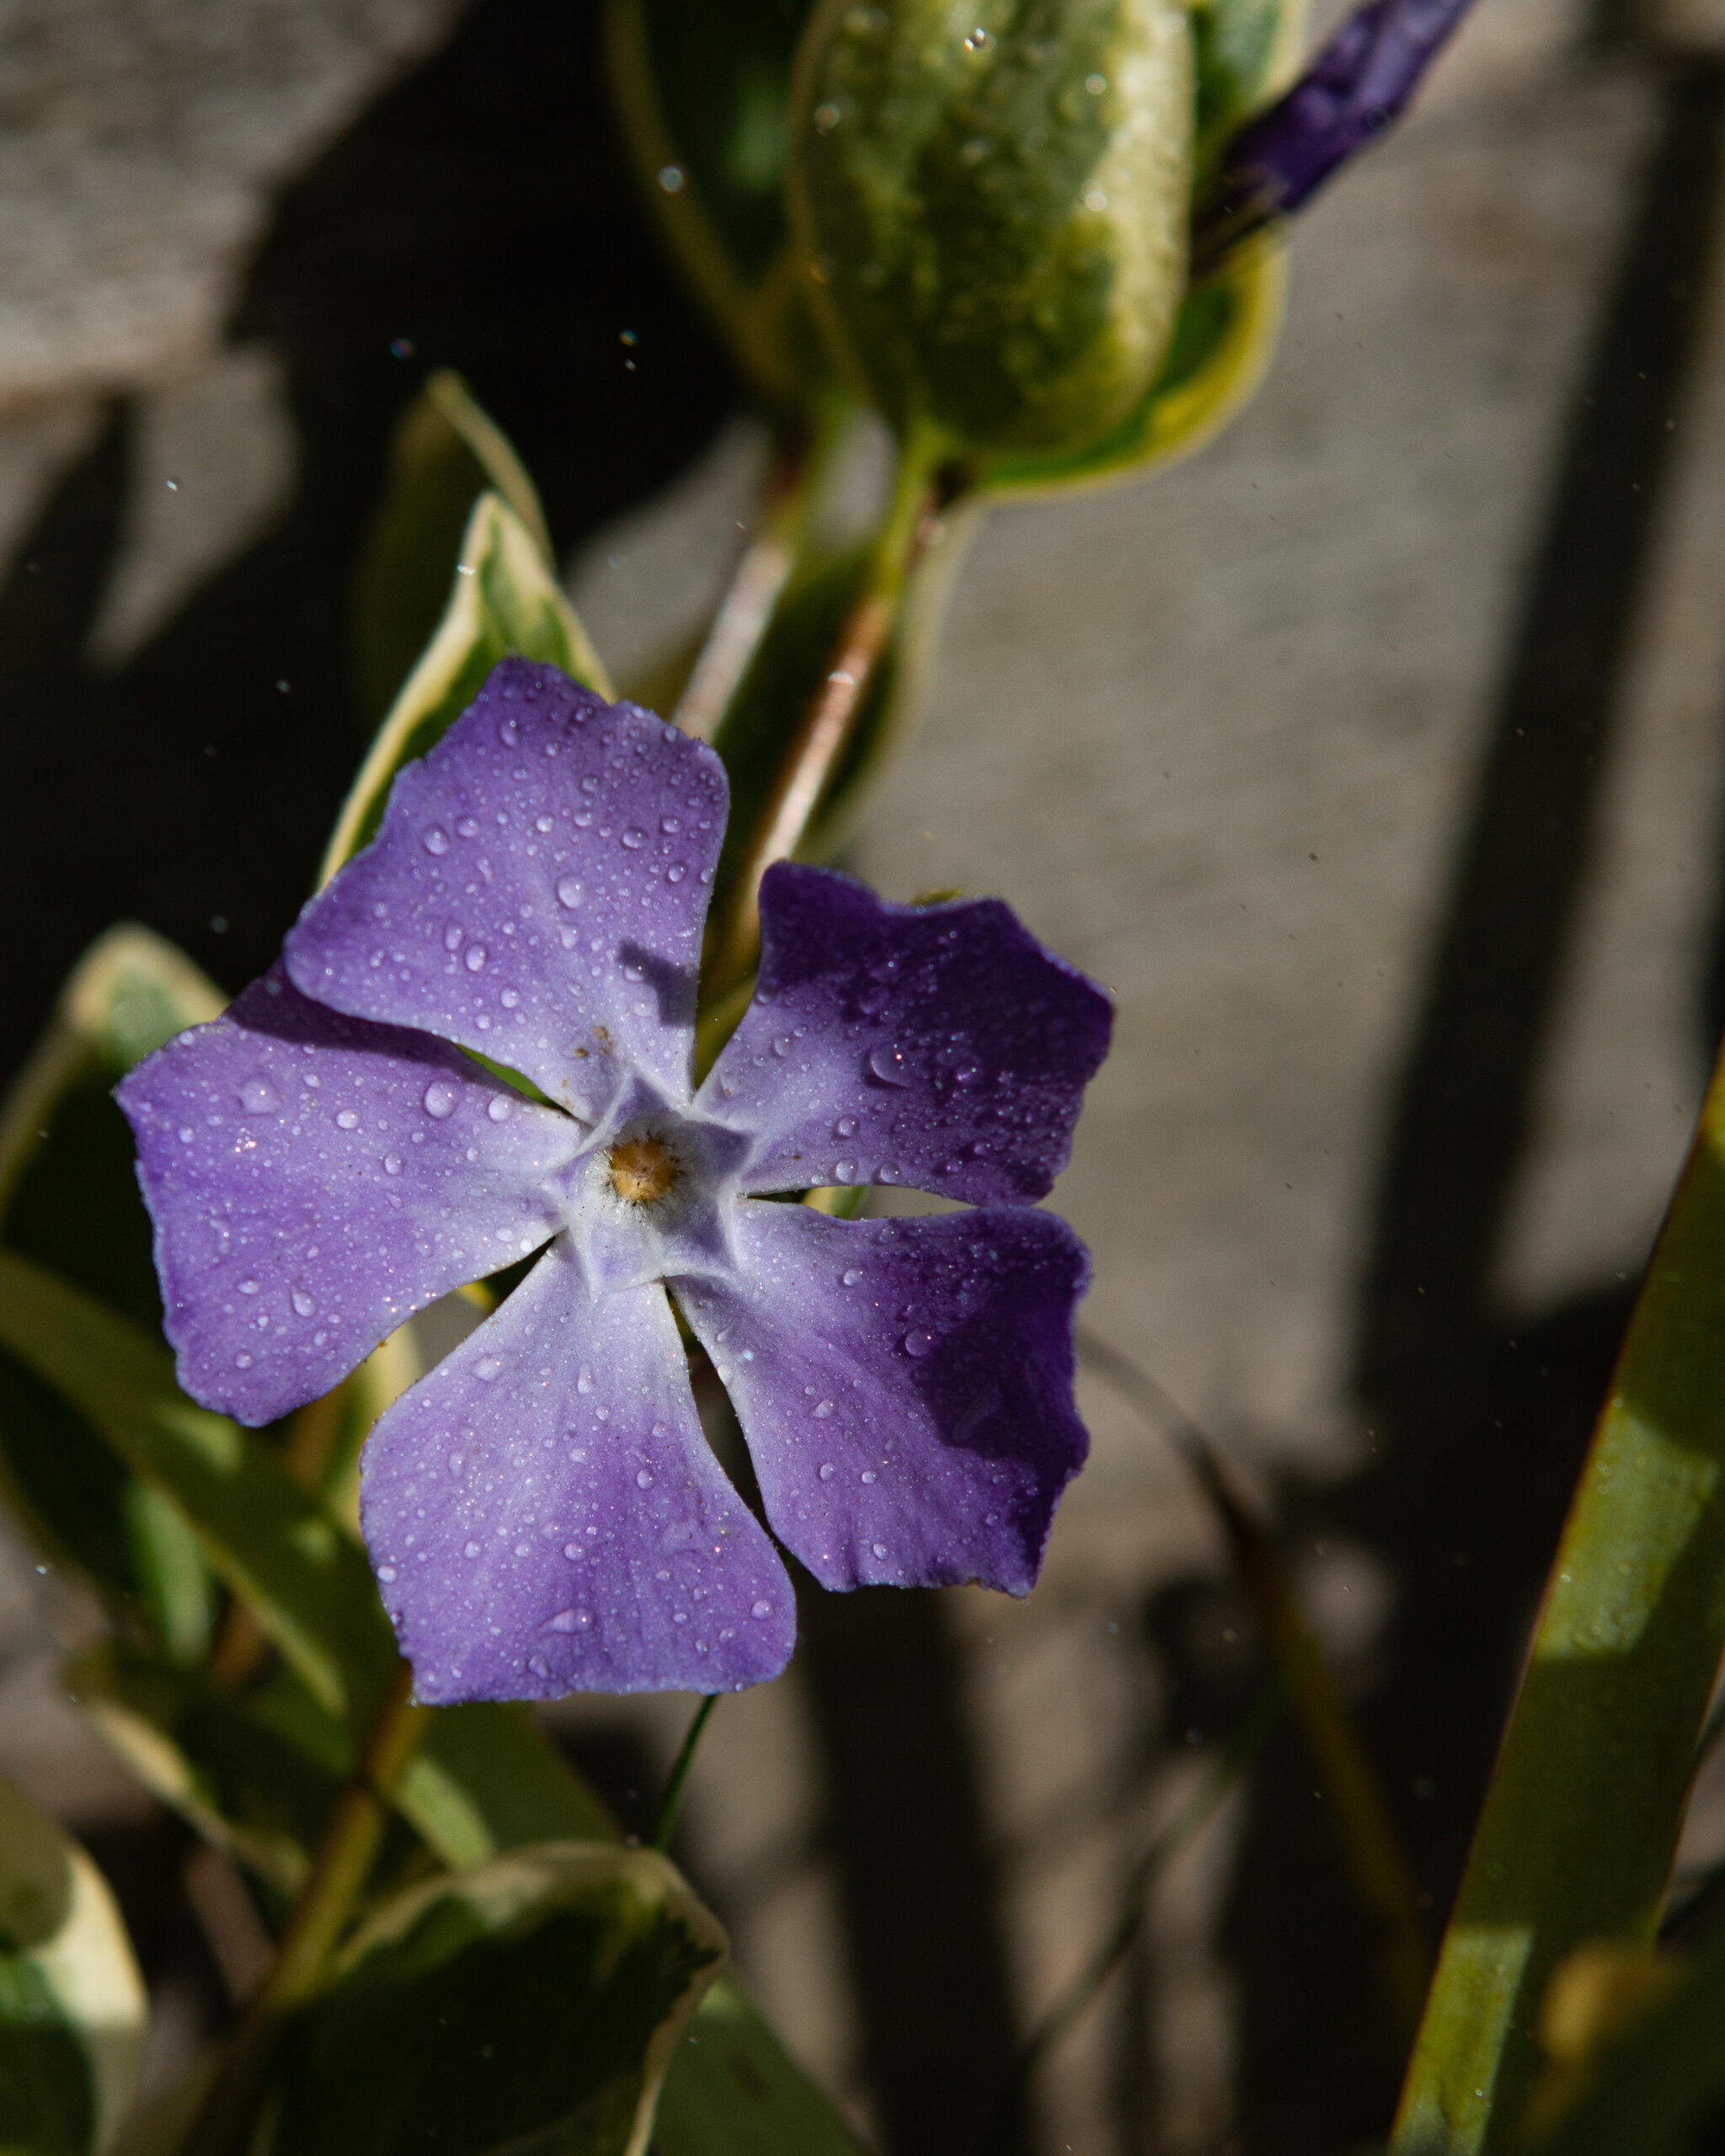 Perwinkle Flower